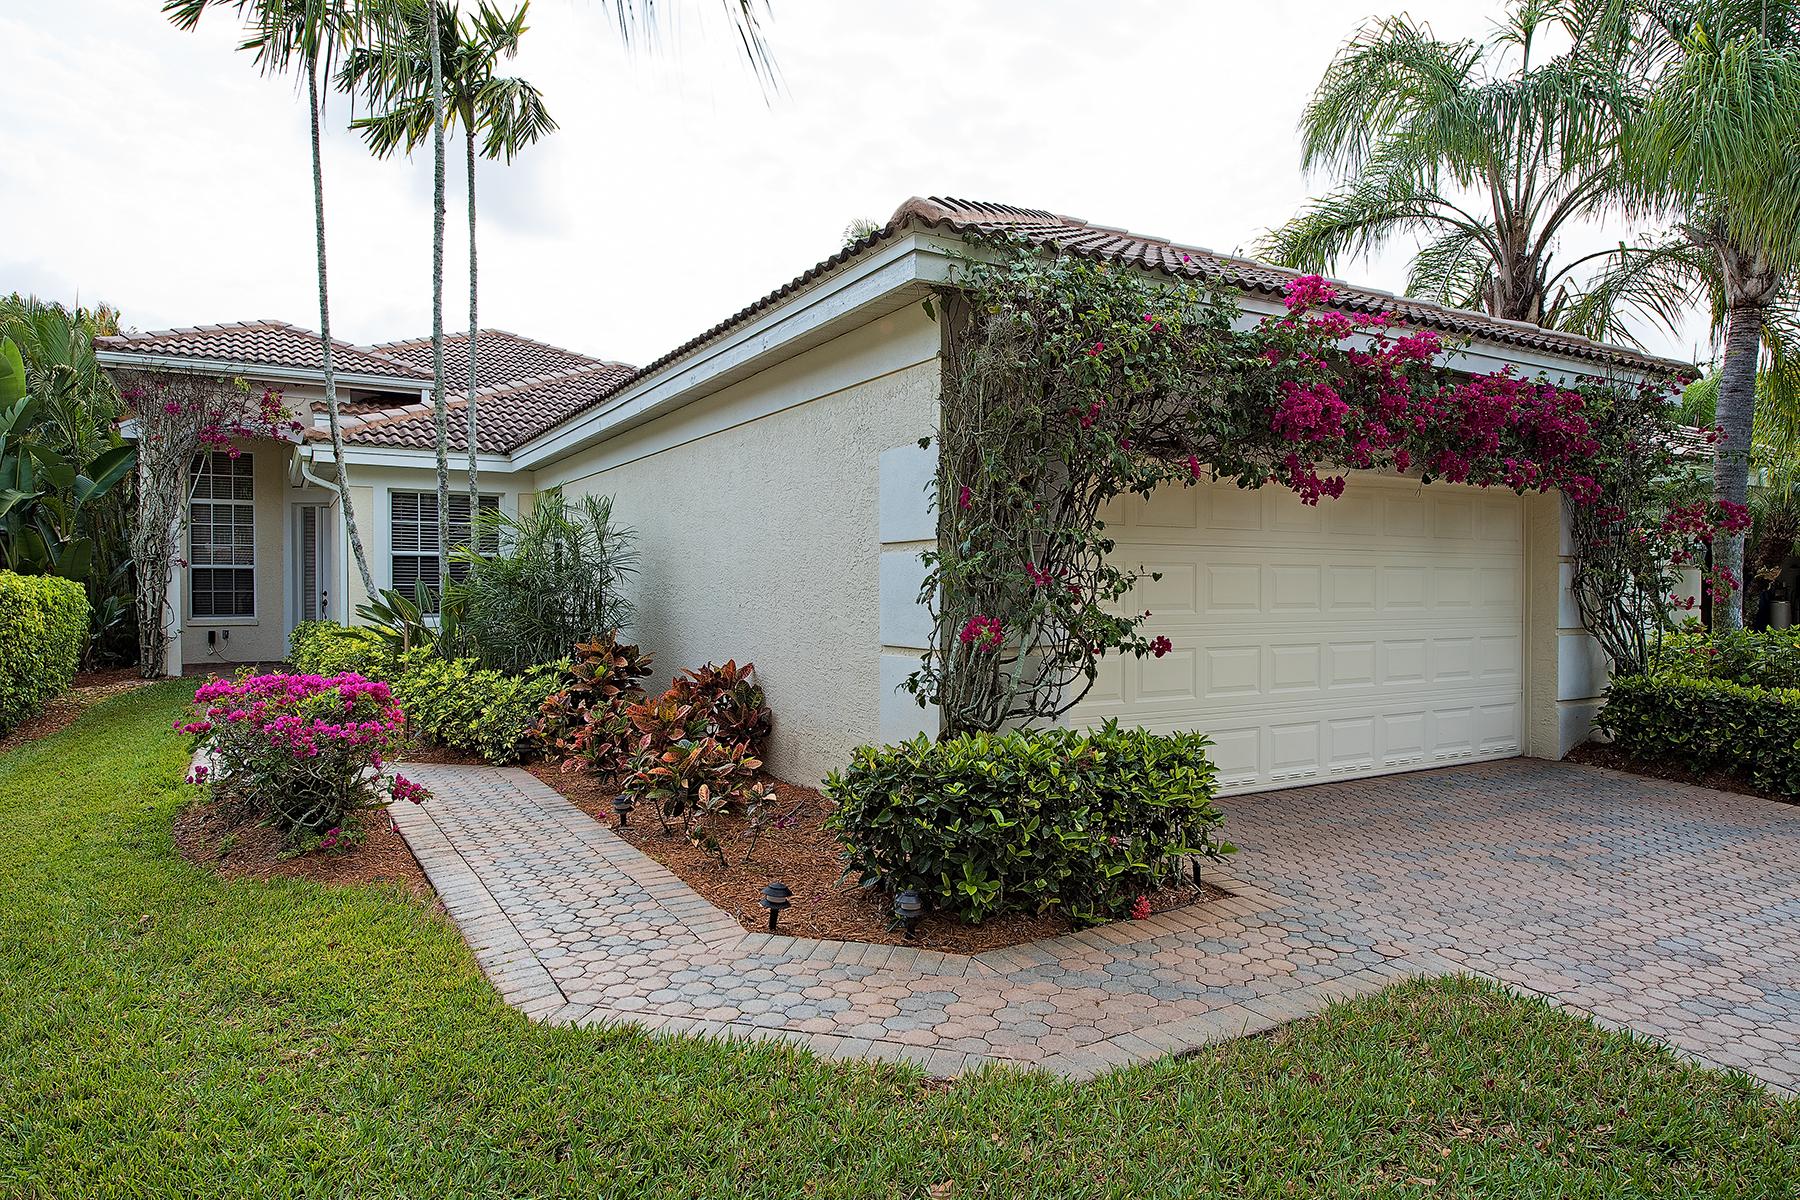 Maison unifamiliale pour l Vente à FIDDLERS CREEK 8591 Pepper Tree Way Naples, Florida, 34114 États-Unis